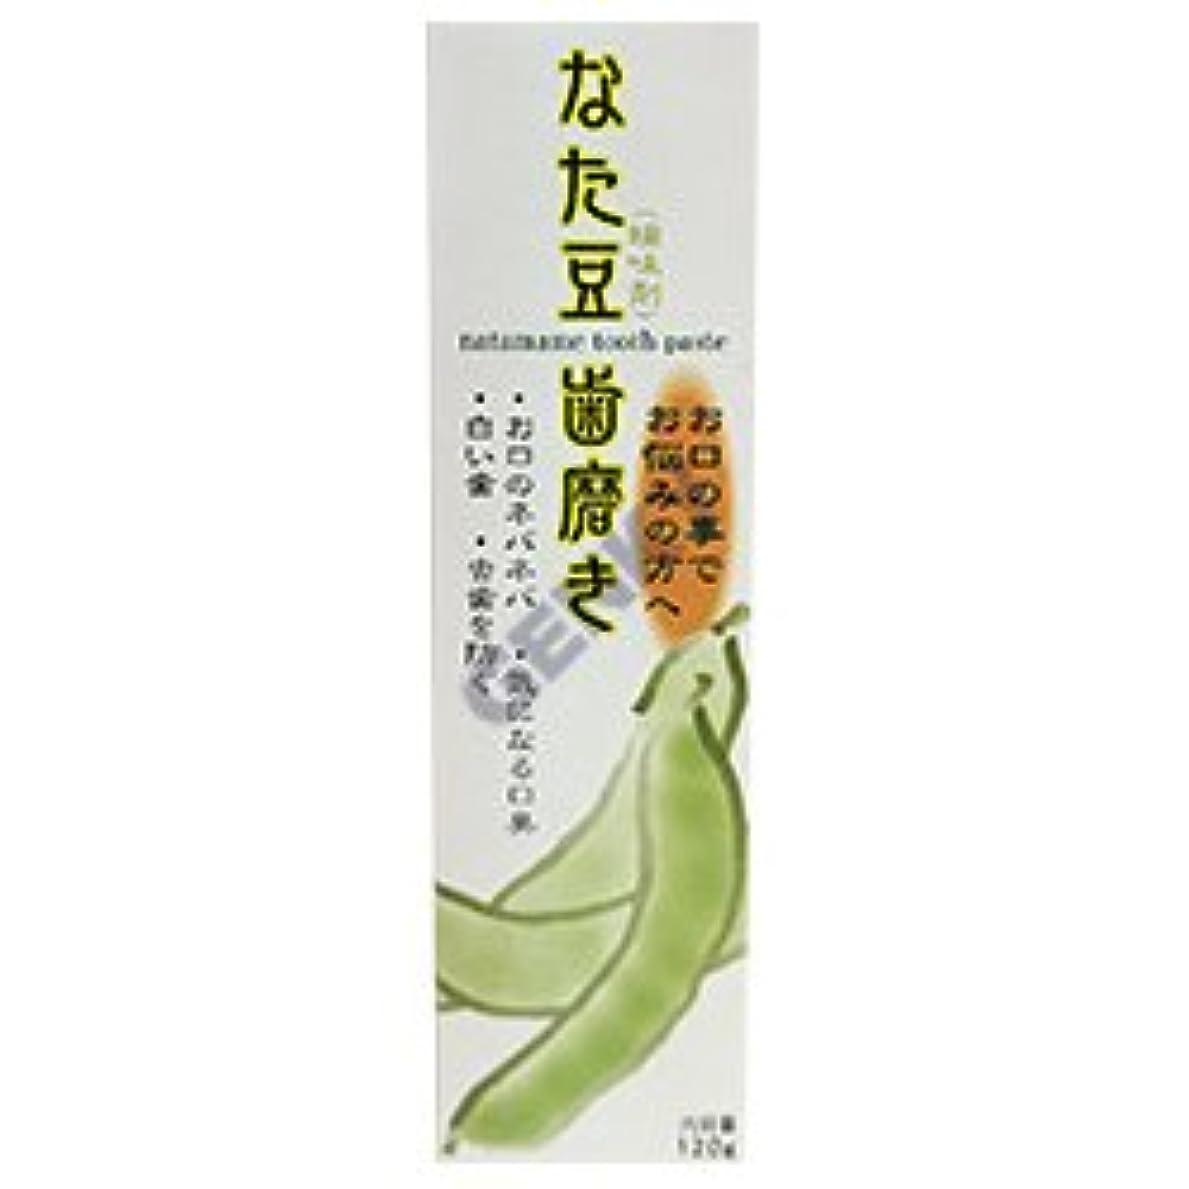 句読点文化特性【モルゲンロート】なた豆歯磨き 120g ×20個セット